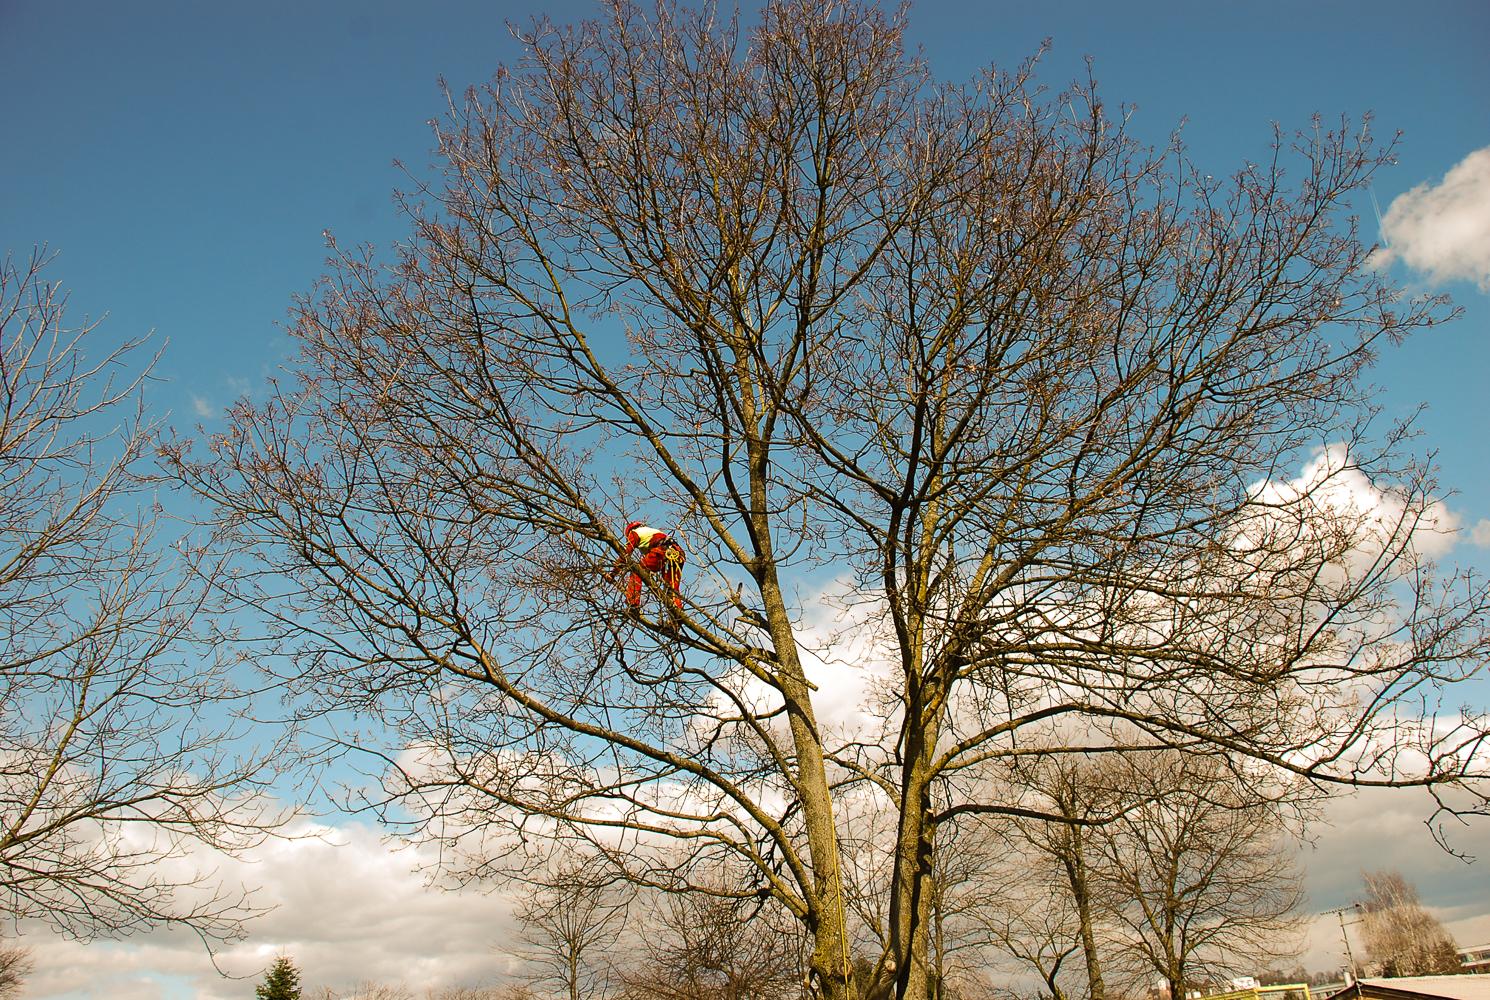 Posek in obrezovanje dreves ter sadnega drevja